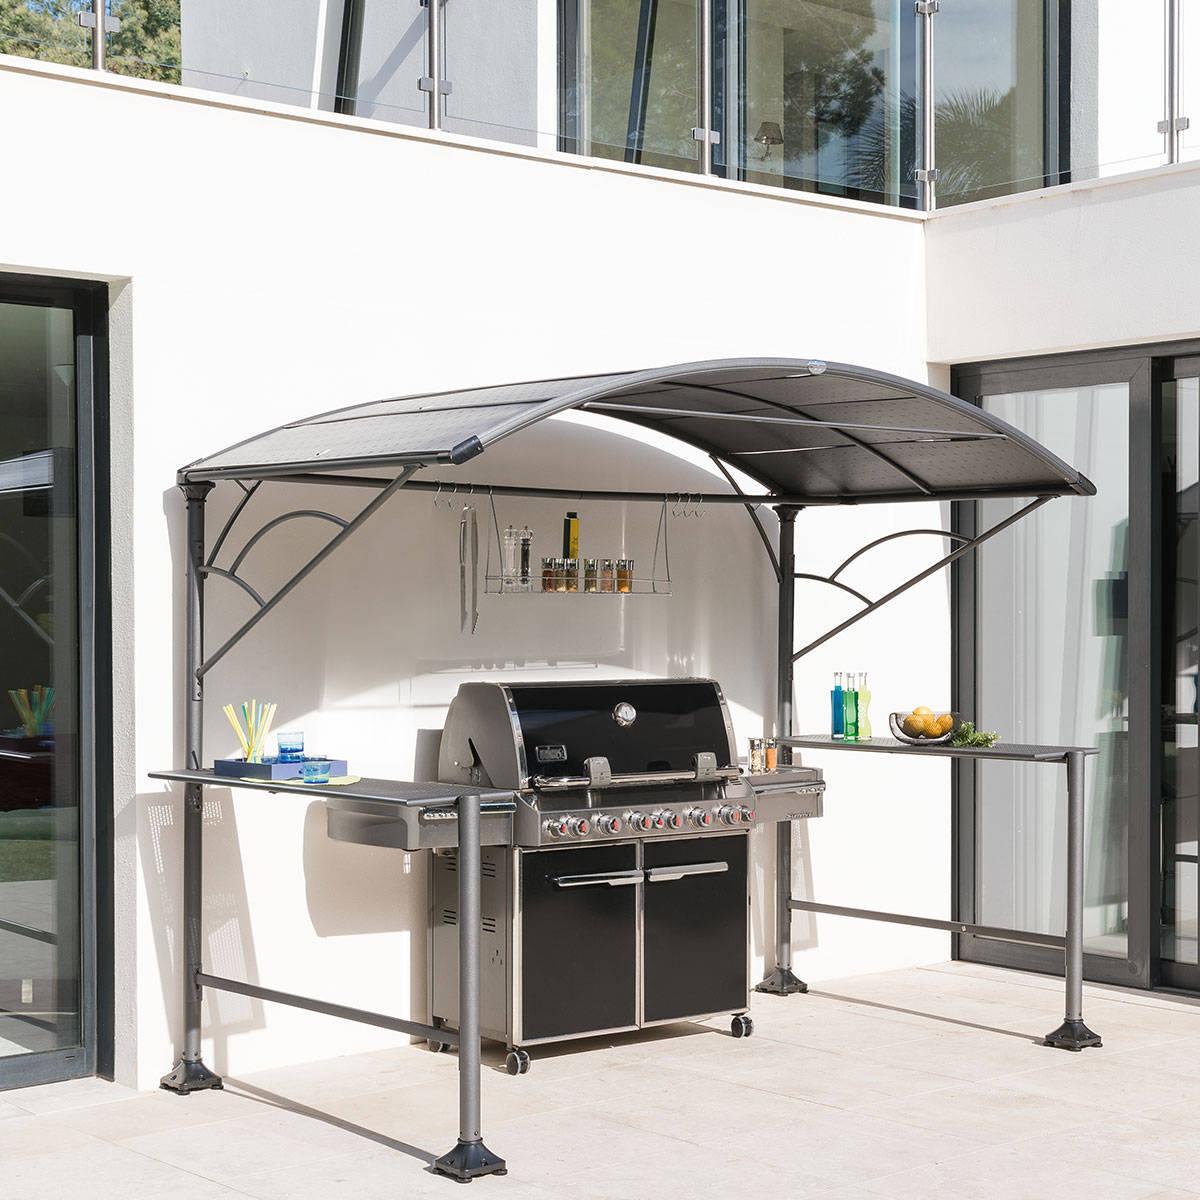 Hespéride Abri à barbecue Neiba Graphite Jardin 2,96 x 1,5 m - Acier traité époxy